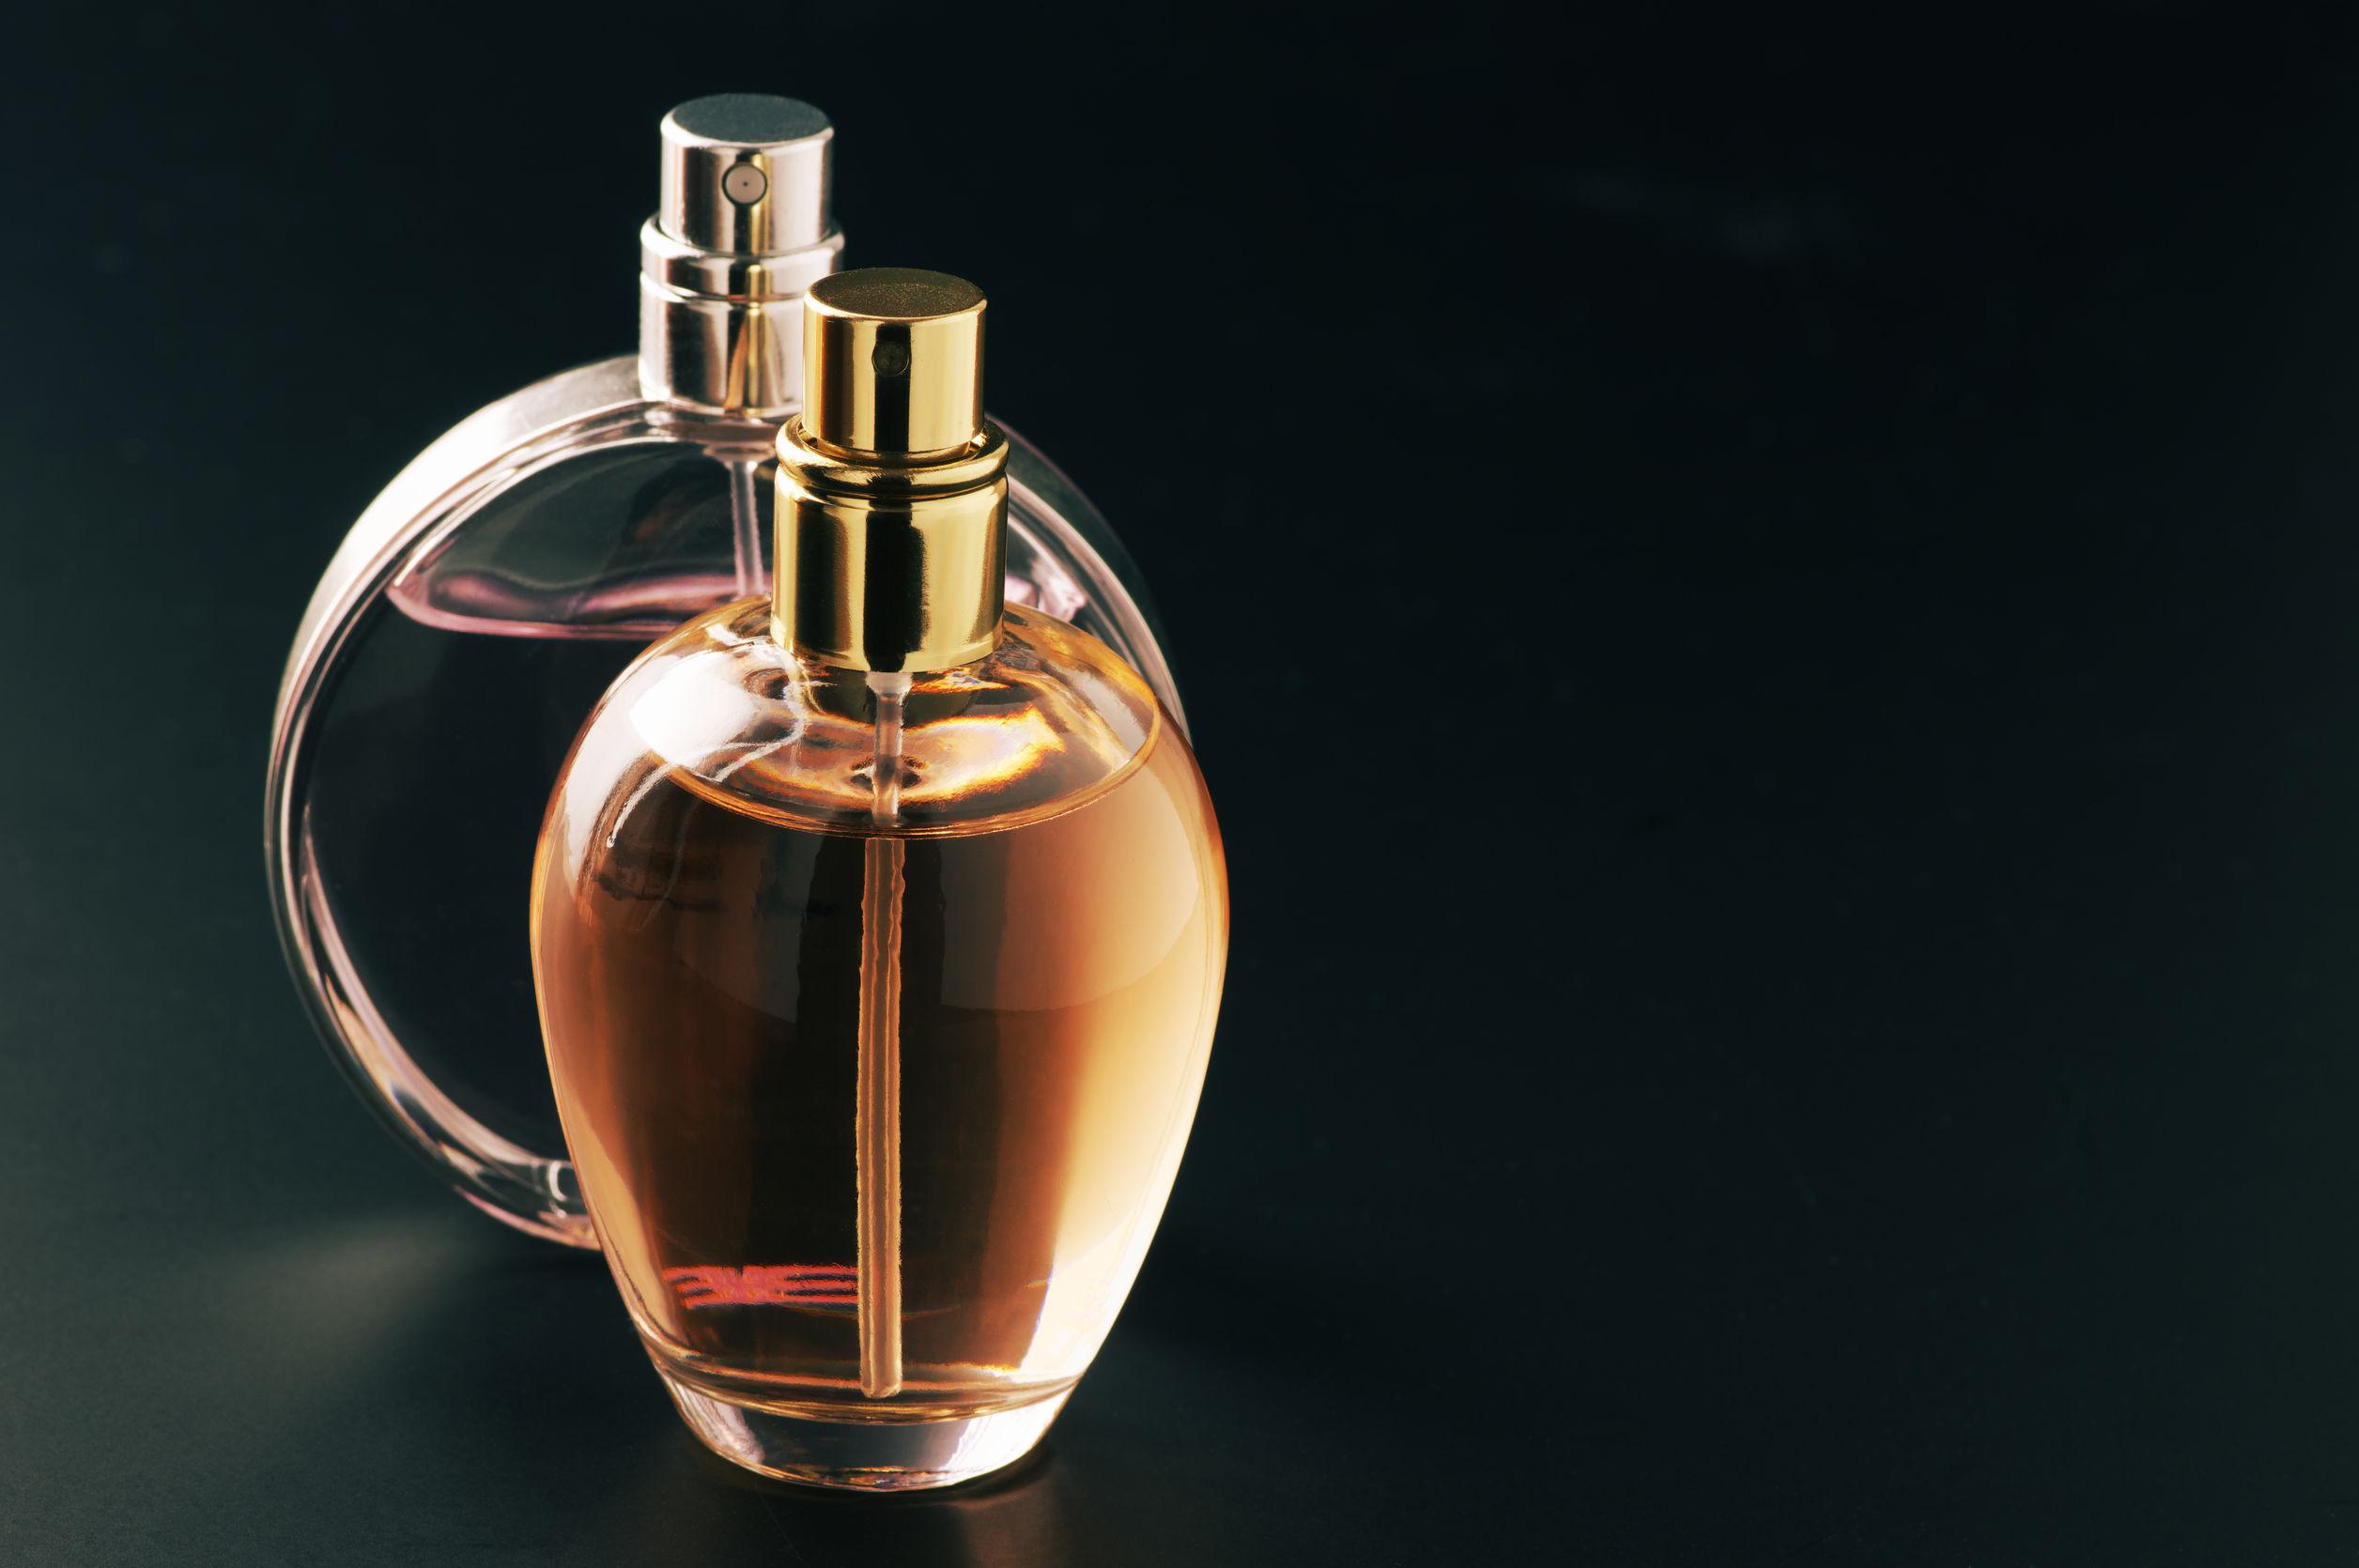 Foto de vidros de perfume juntos, todos sem nenhuma indicação de marca ou nome.